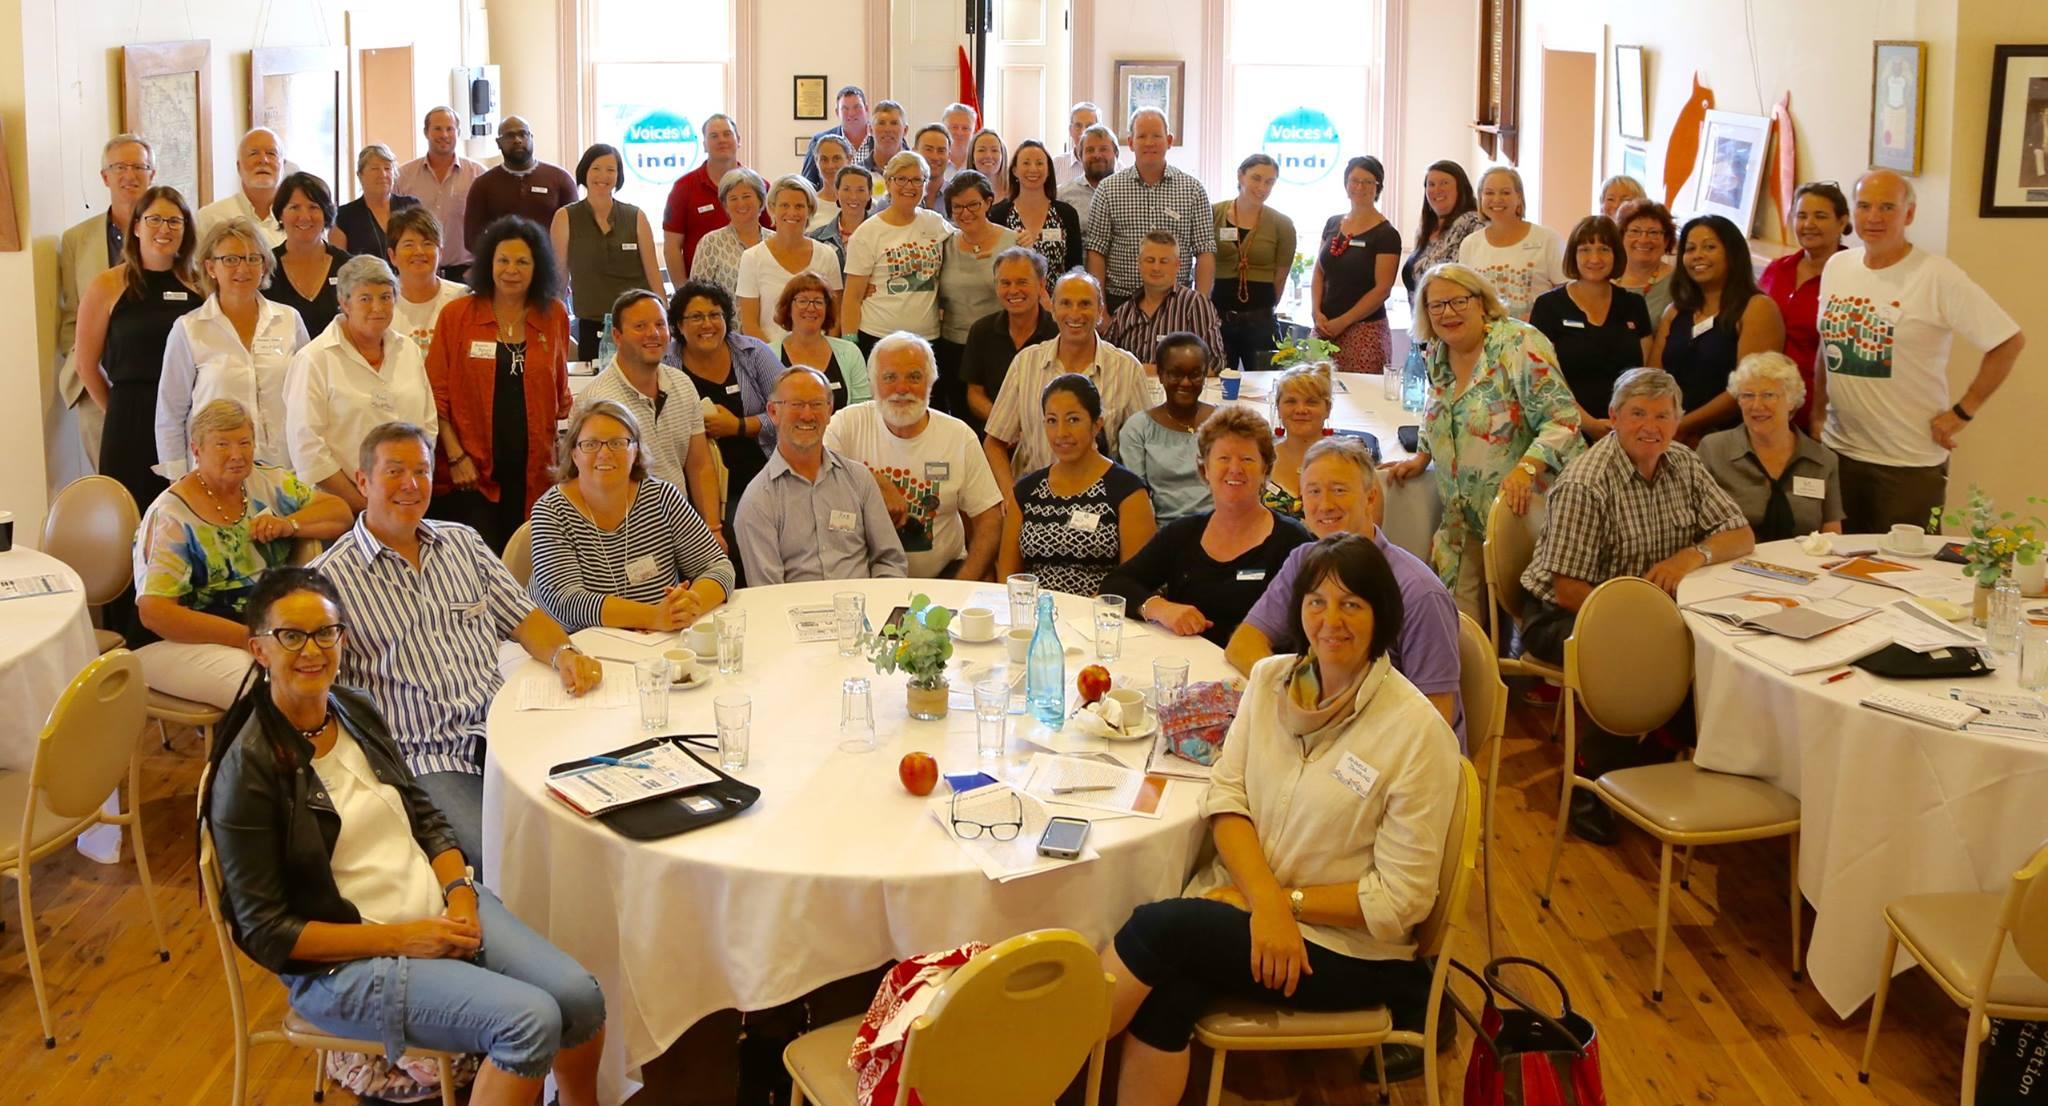 A V4i community gathering